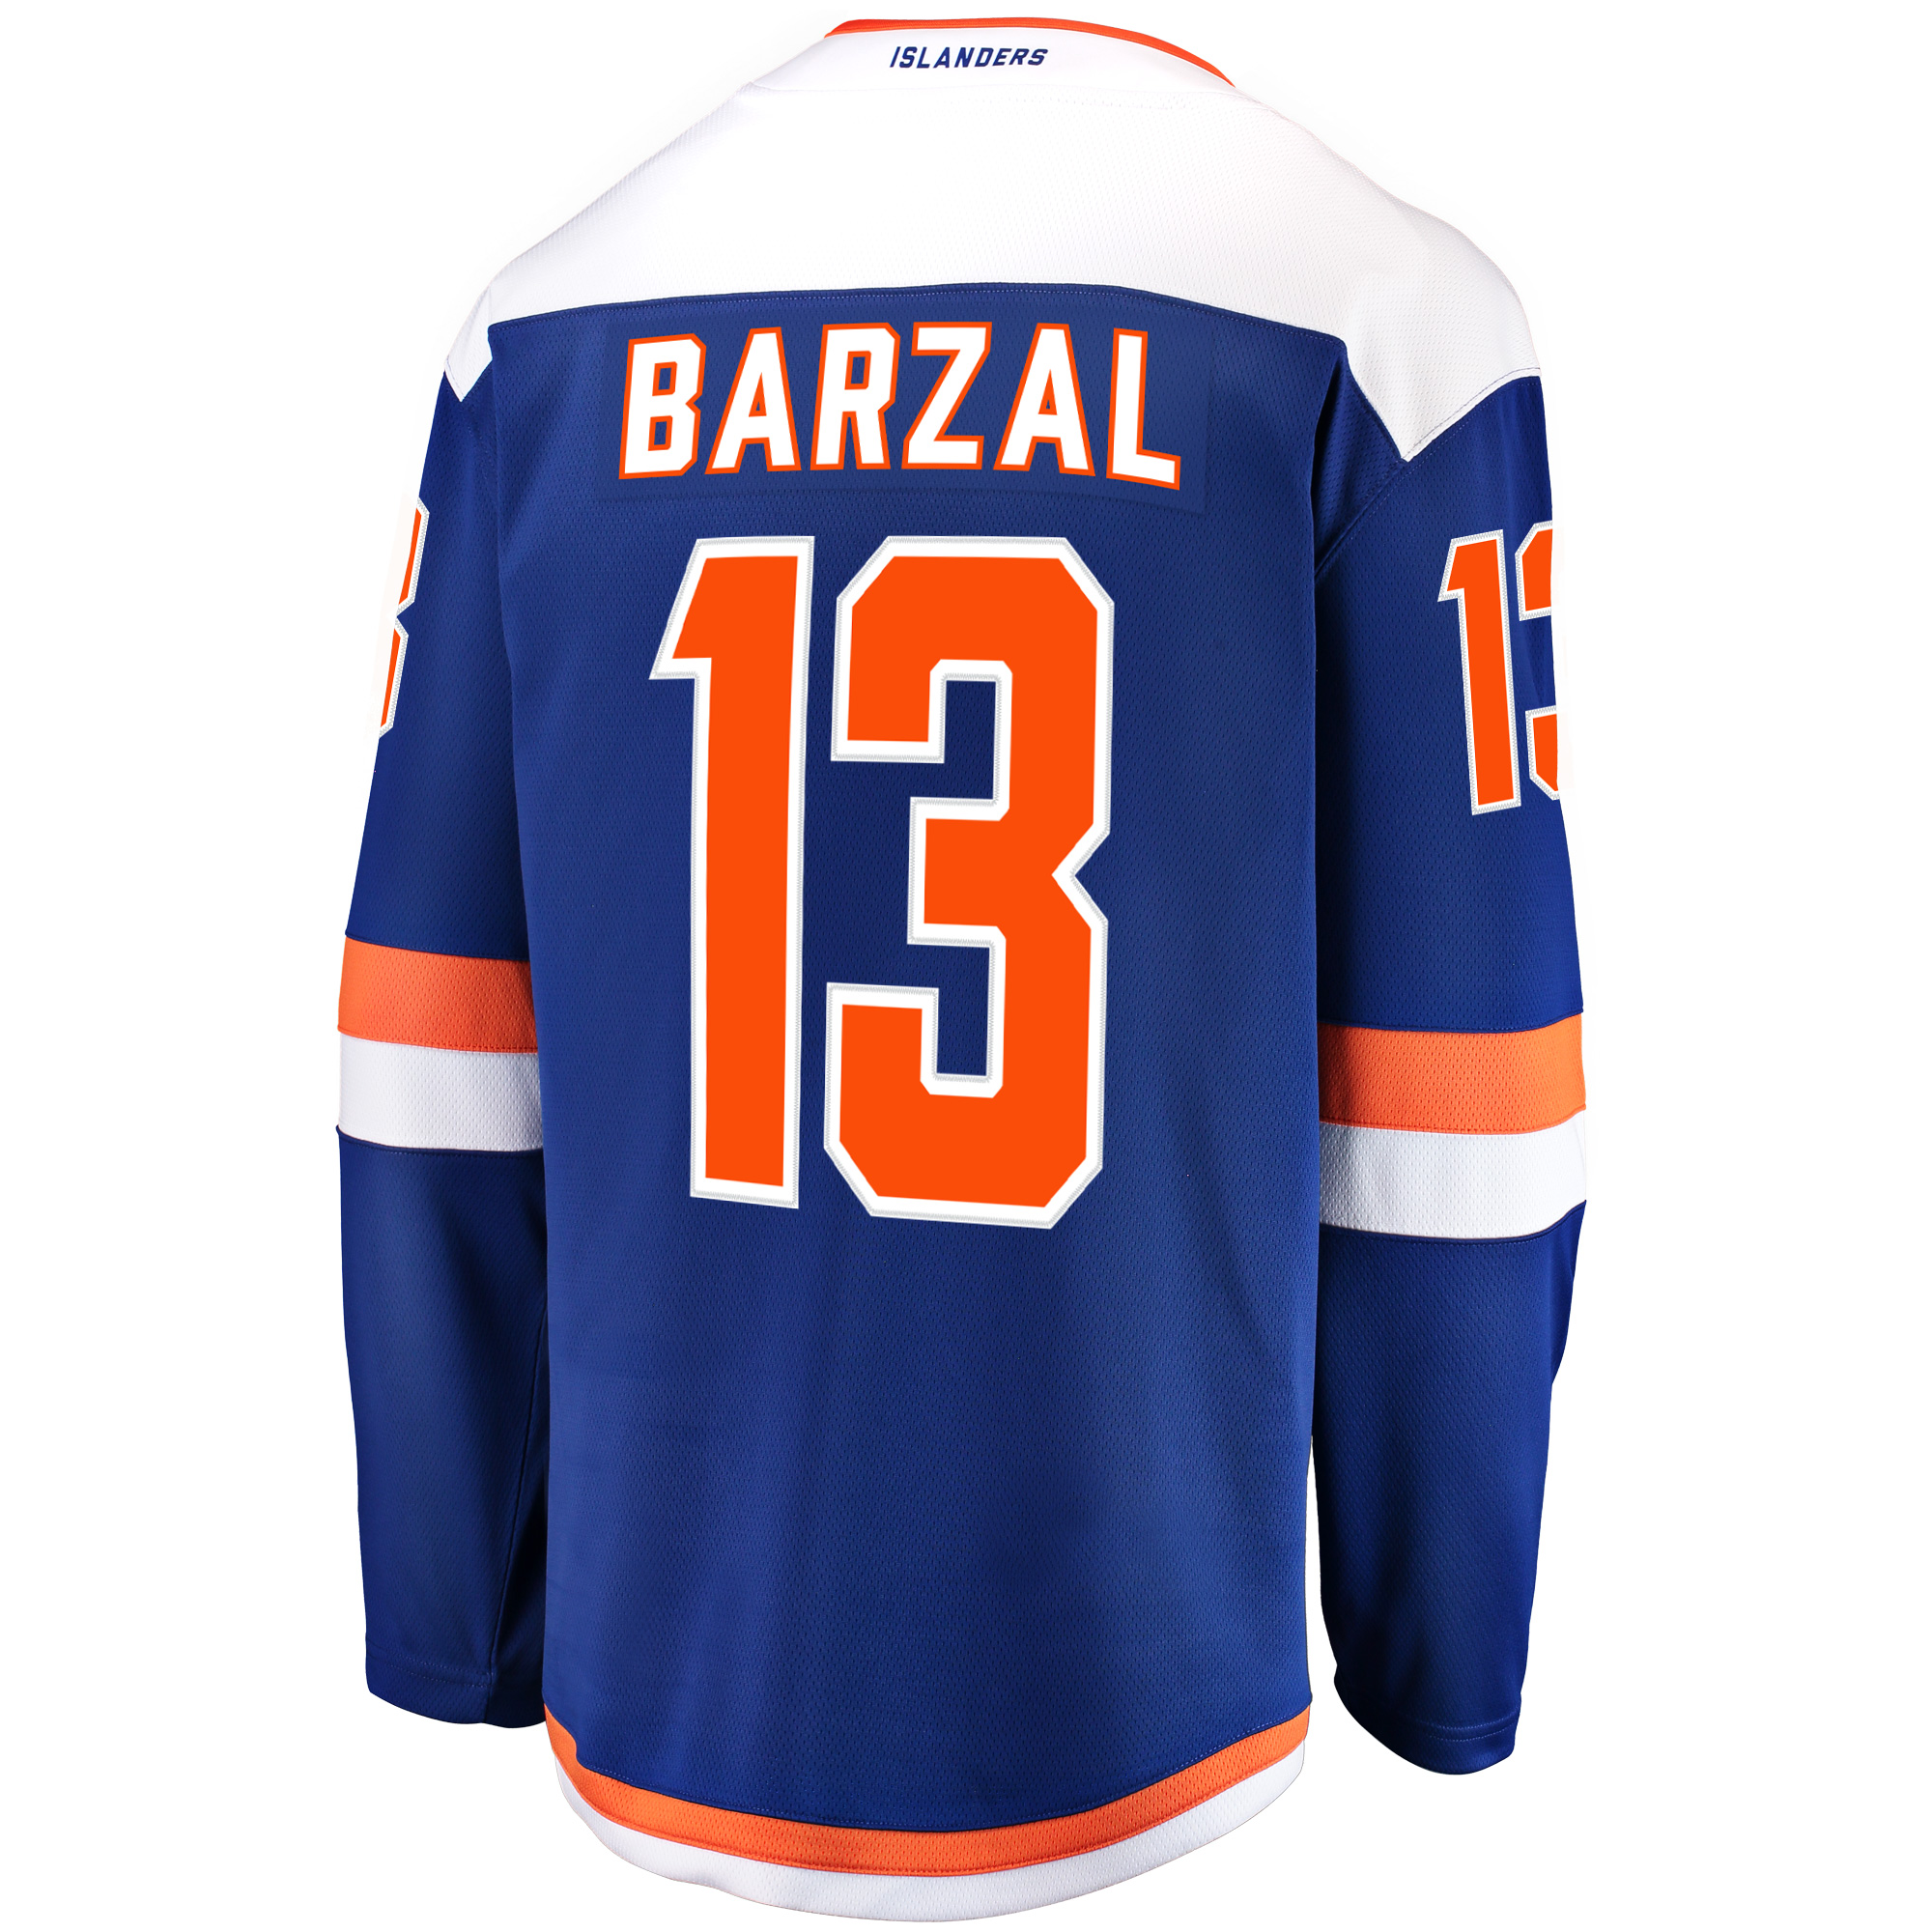 Islanders Islanders Jersey Jersey Barzal